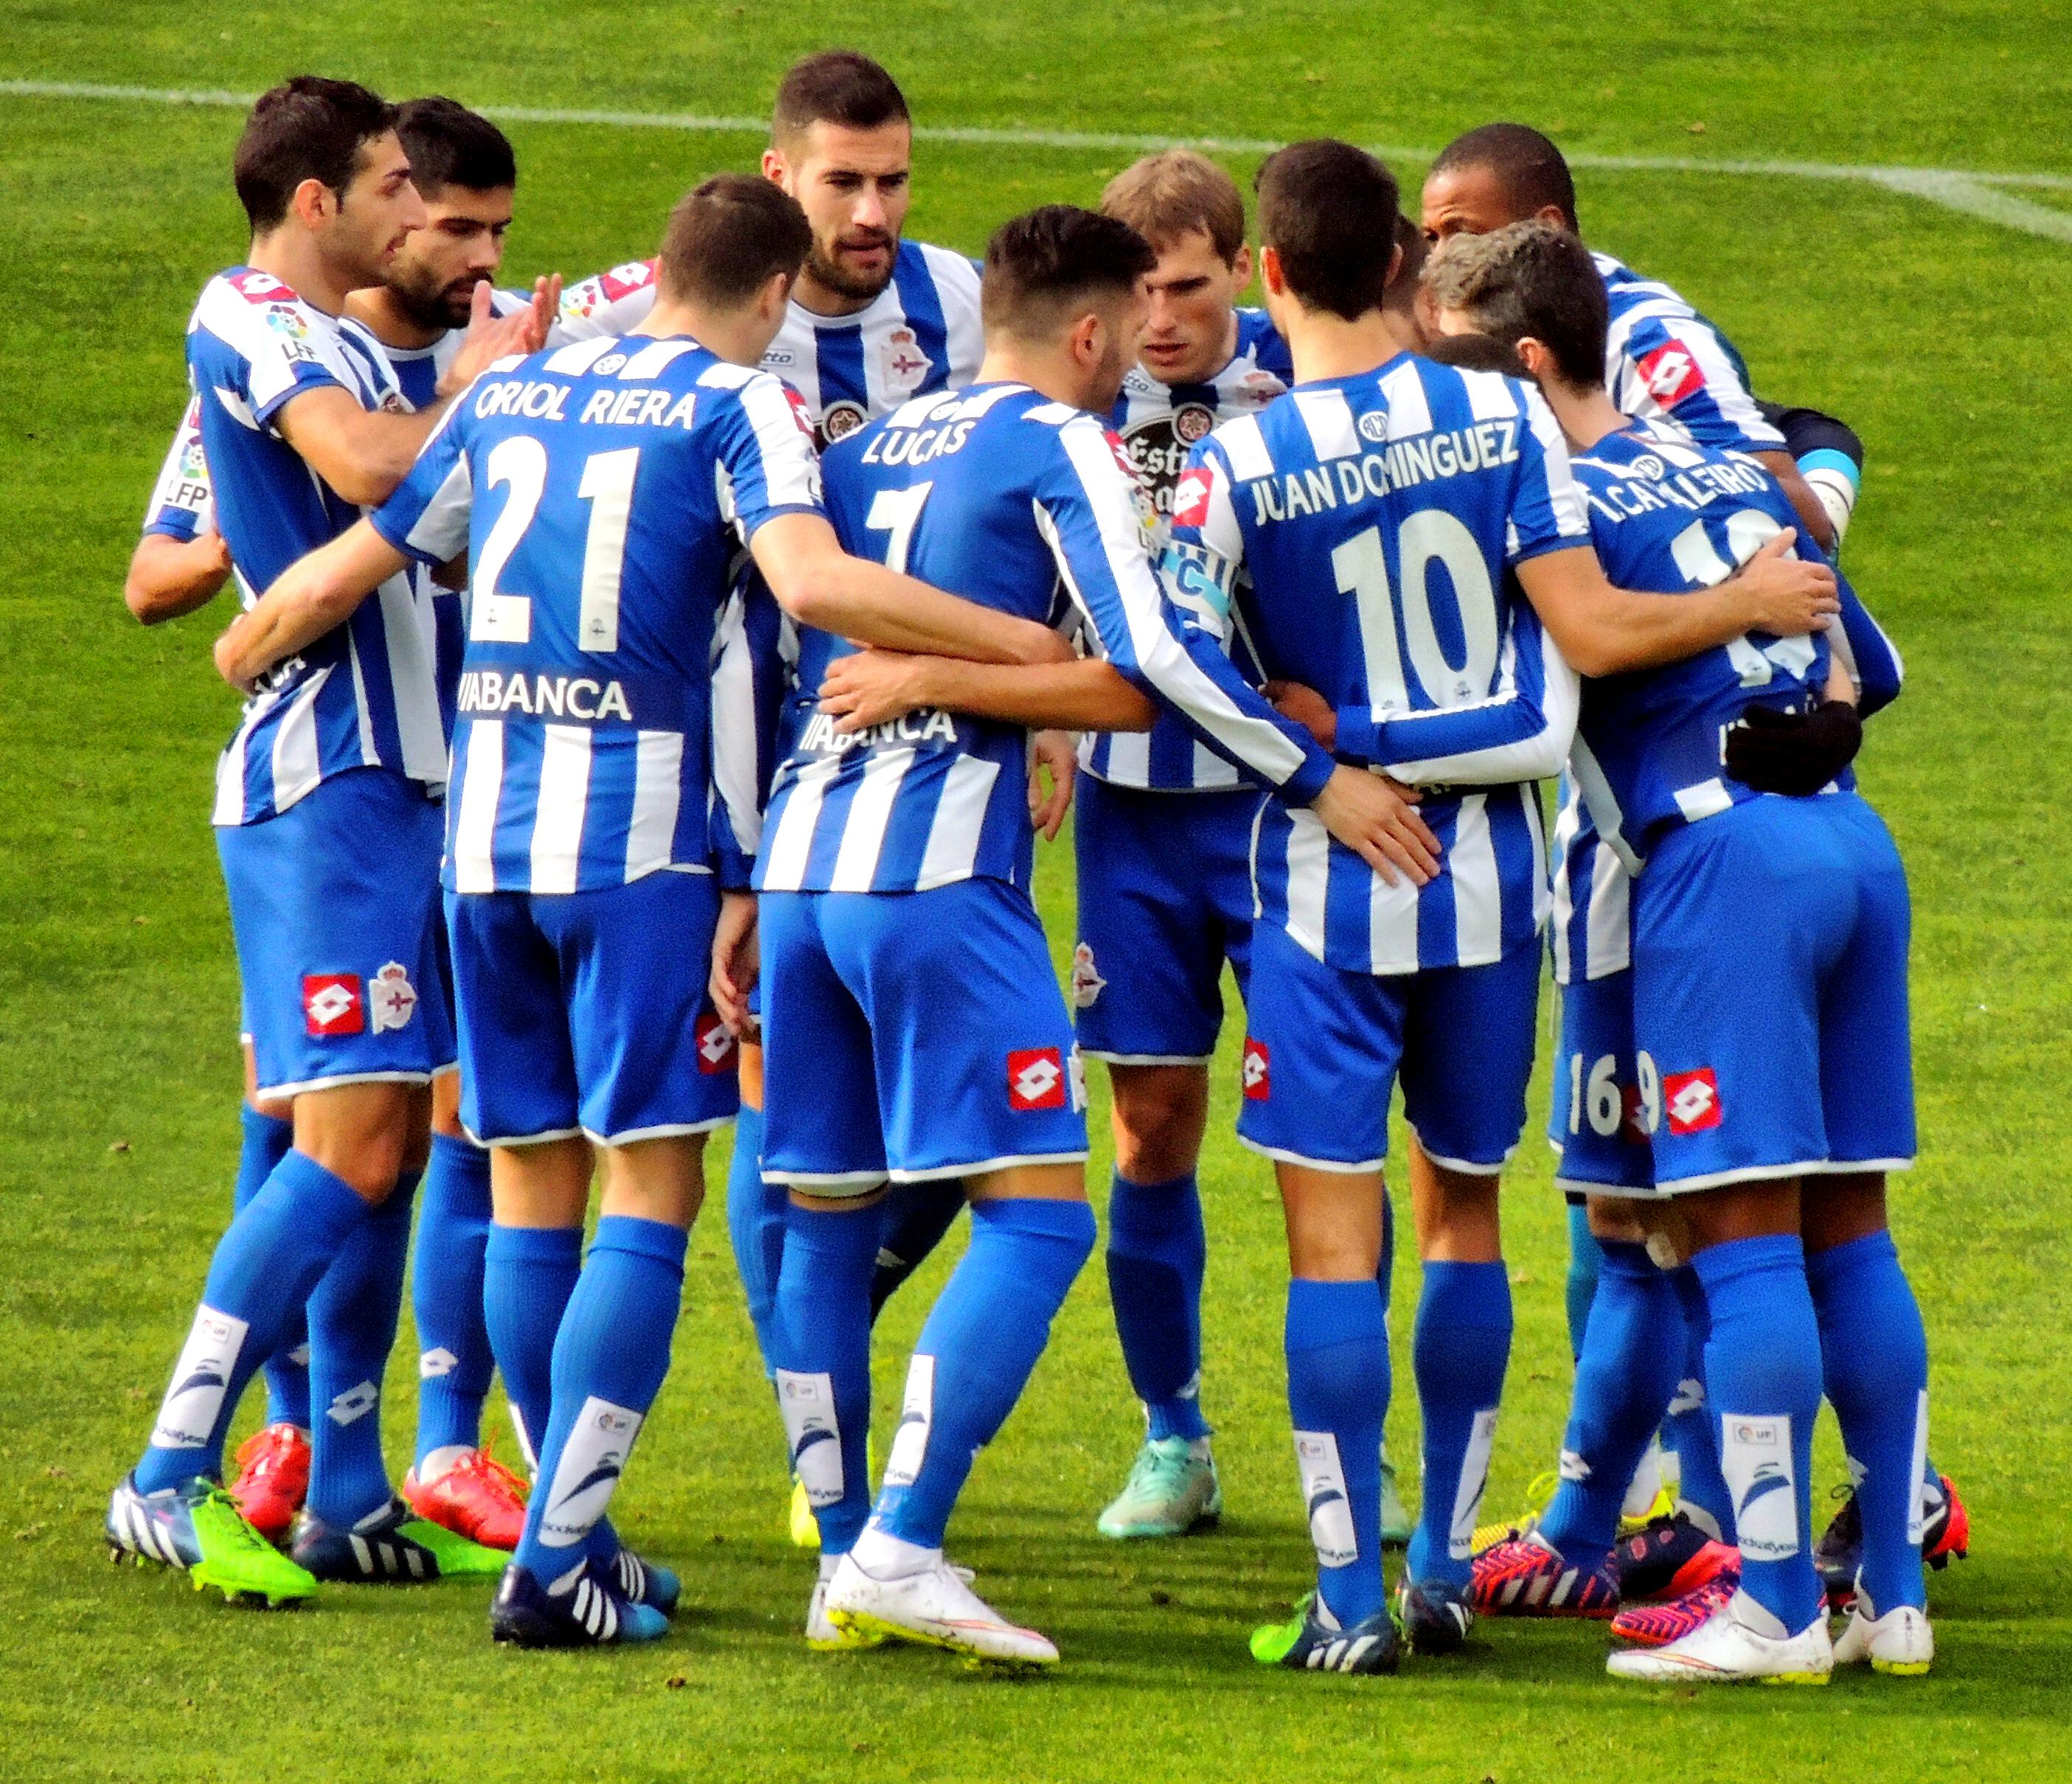 Fotos gratis : Europa, estadio, España, Espagne, fútbol americano, Deportes, Futbol, Galicia ...